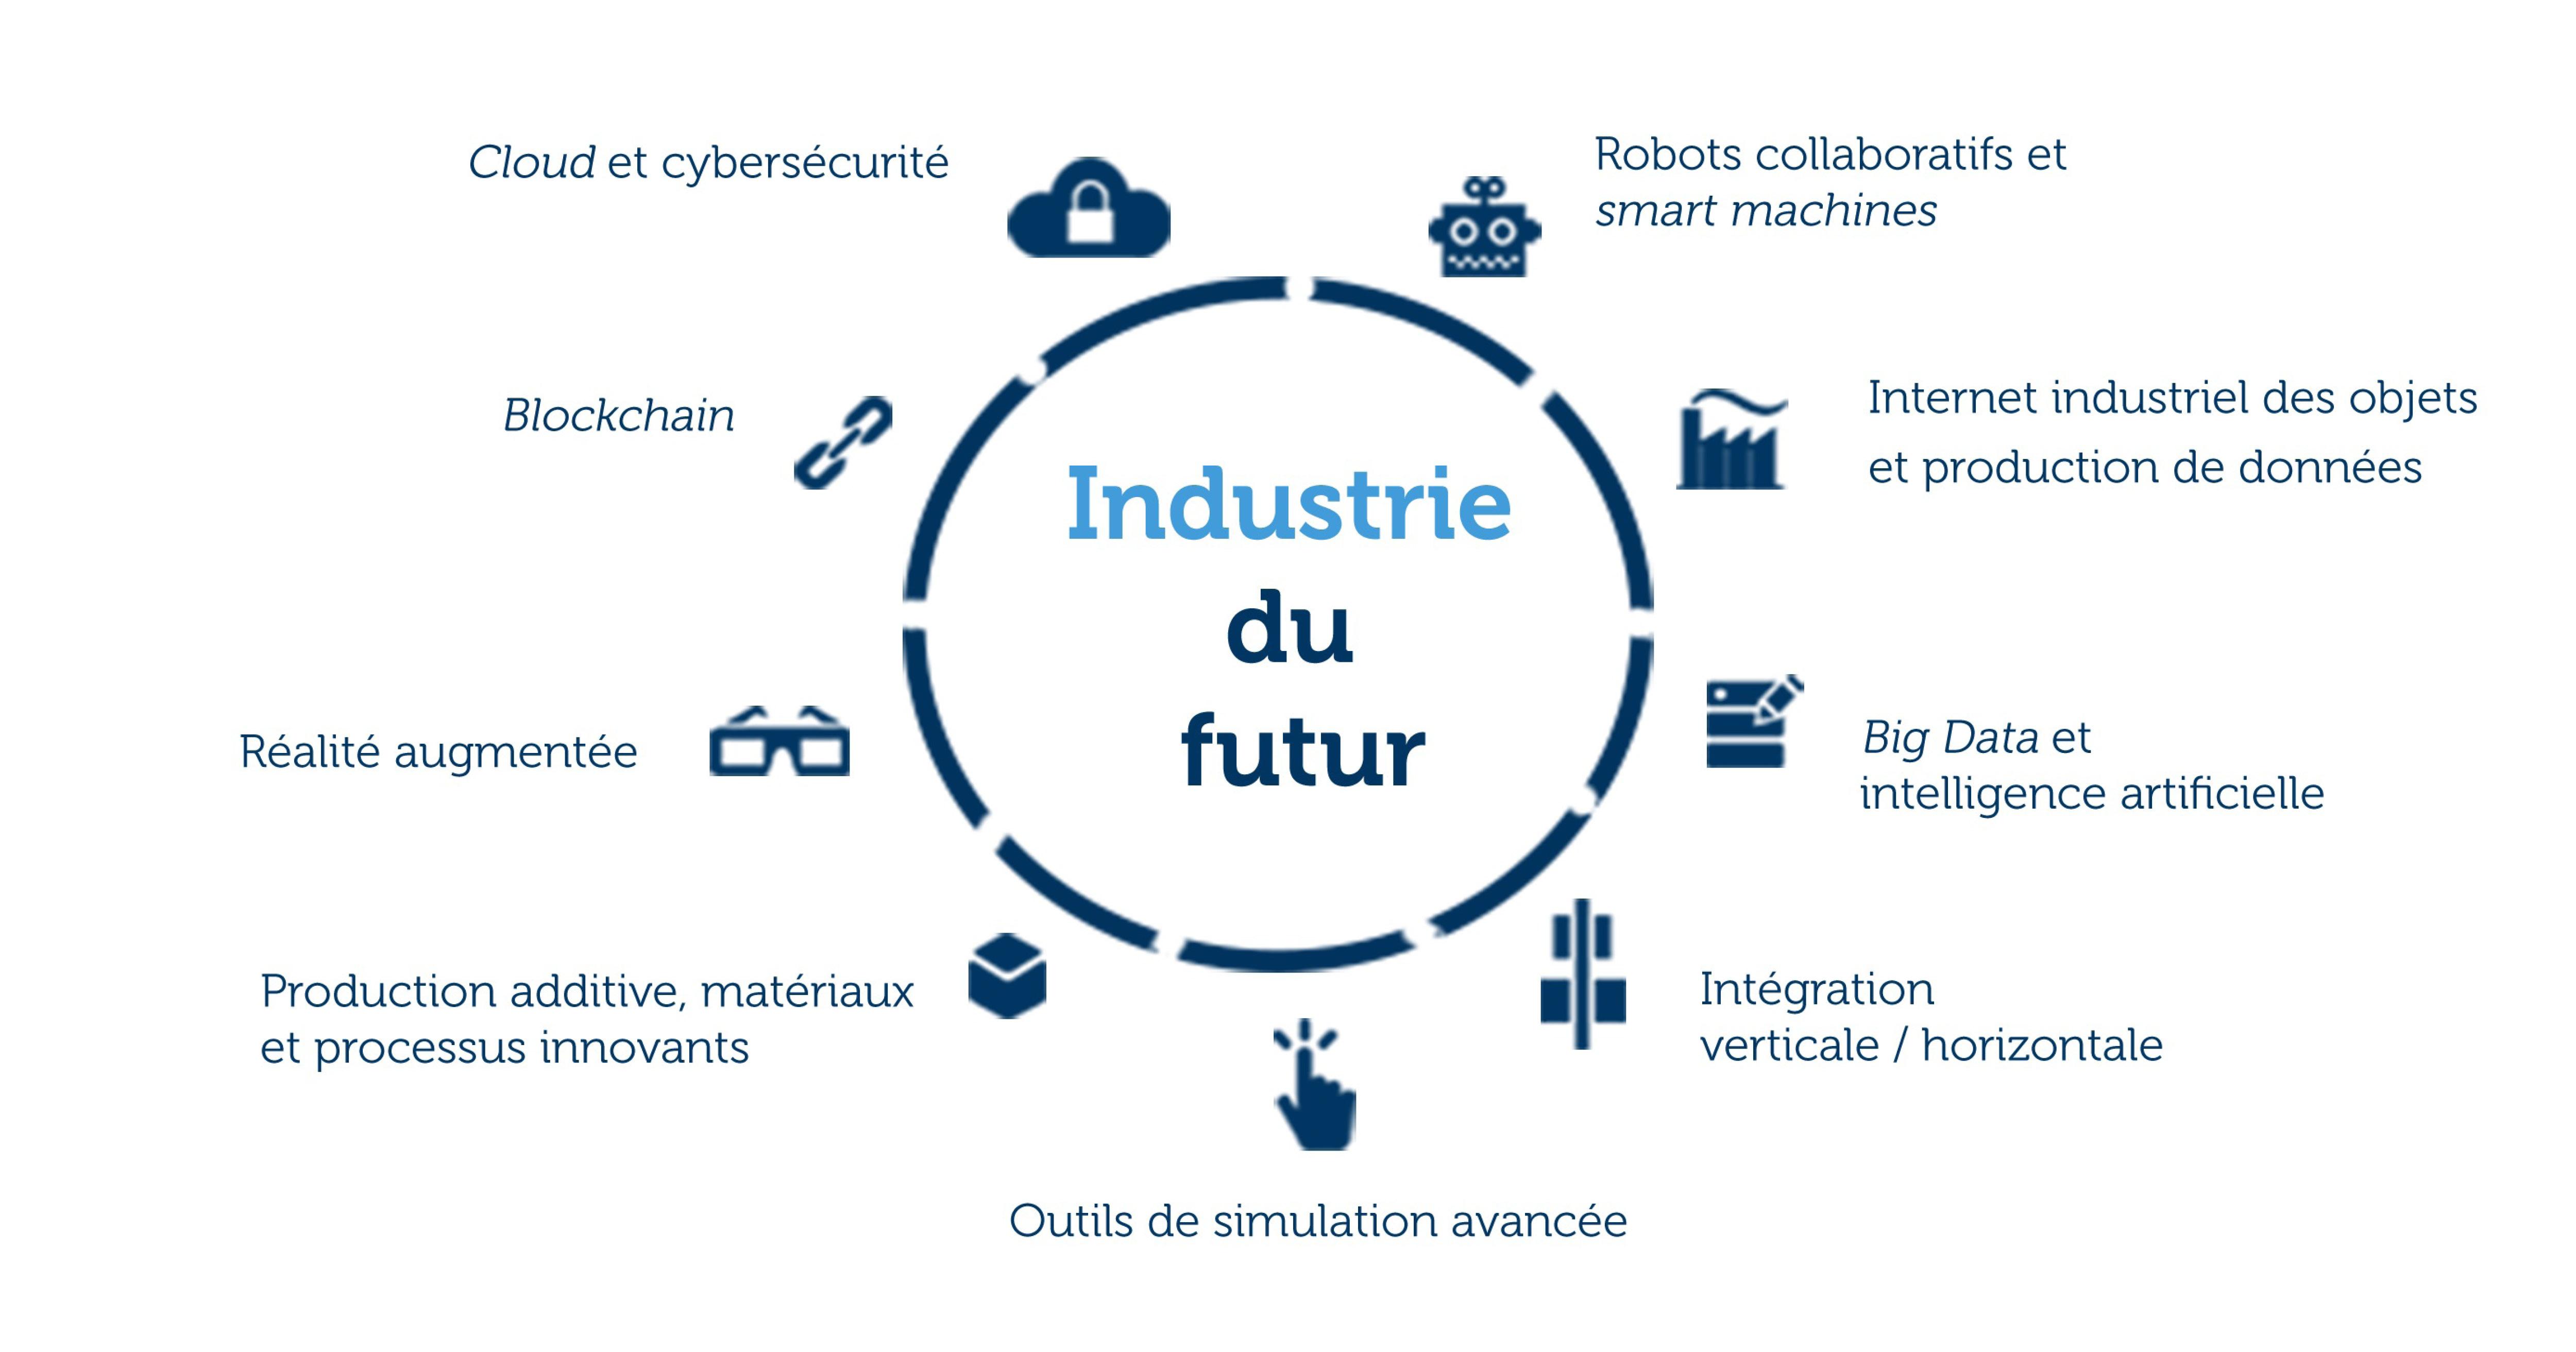 Neuf piliers technologiques constituent l'industrie du futur